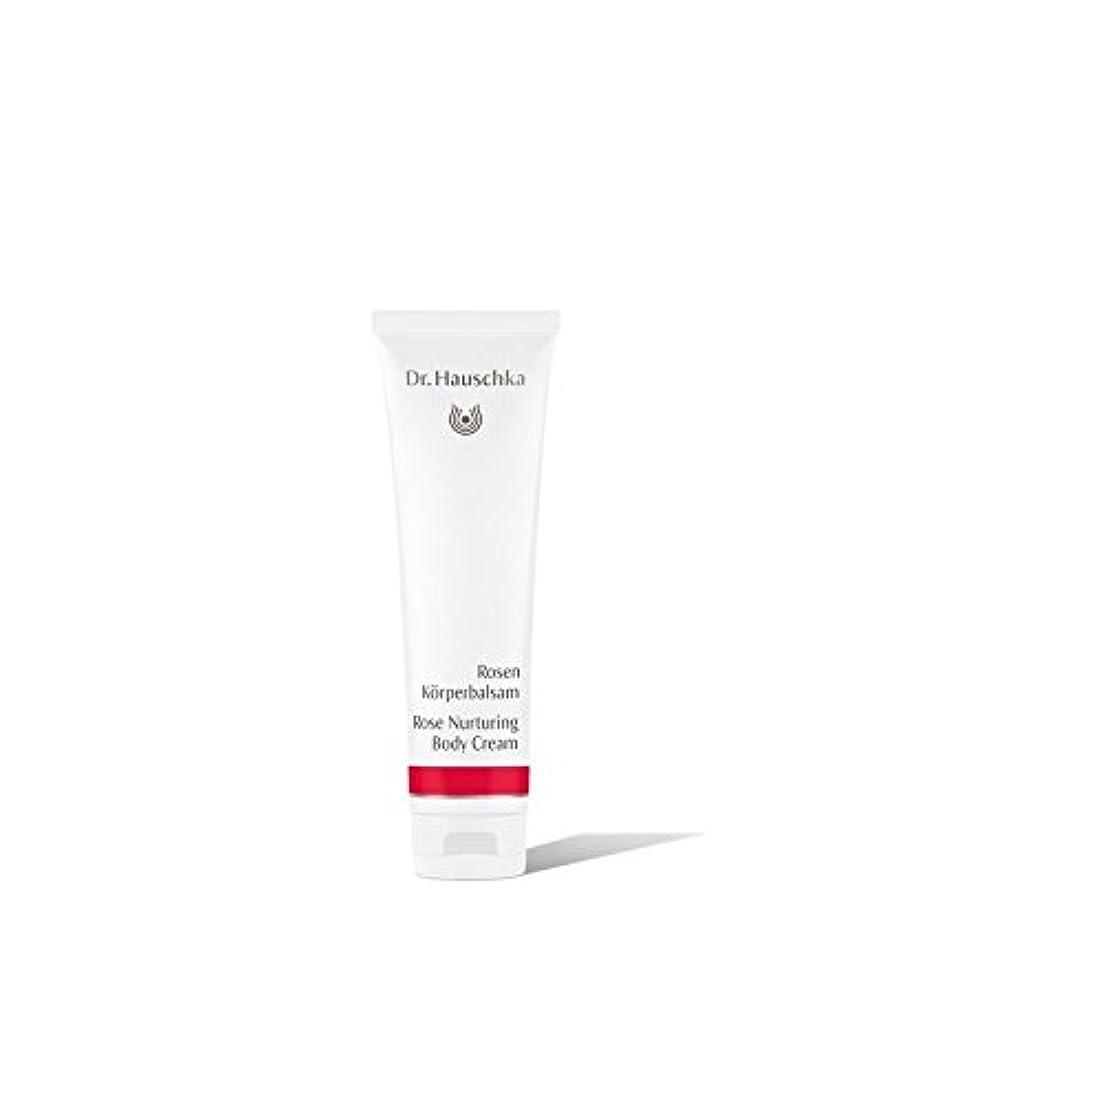 気体のうめき提供Dr. Hauschka Rose Nurturing Body Cream (145ml) (Pack of 6) - ハウシュカは、ボディクリーム(145ミリリットル)を育成バラ x6 [並行輸入品]